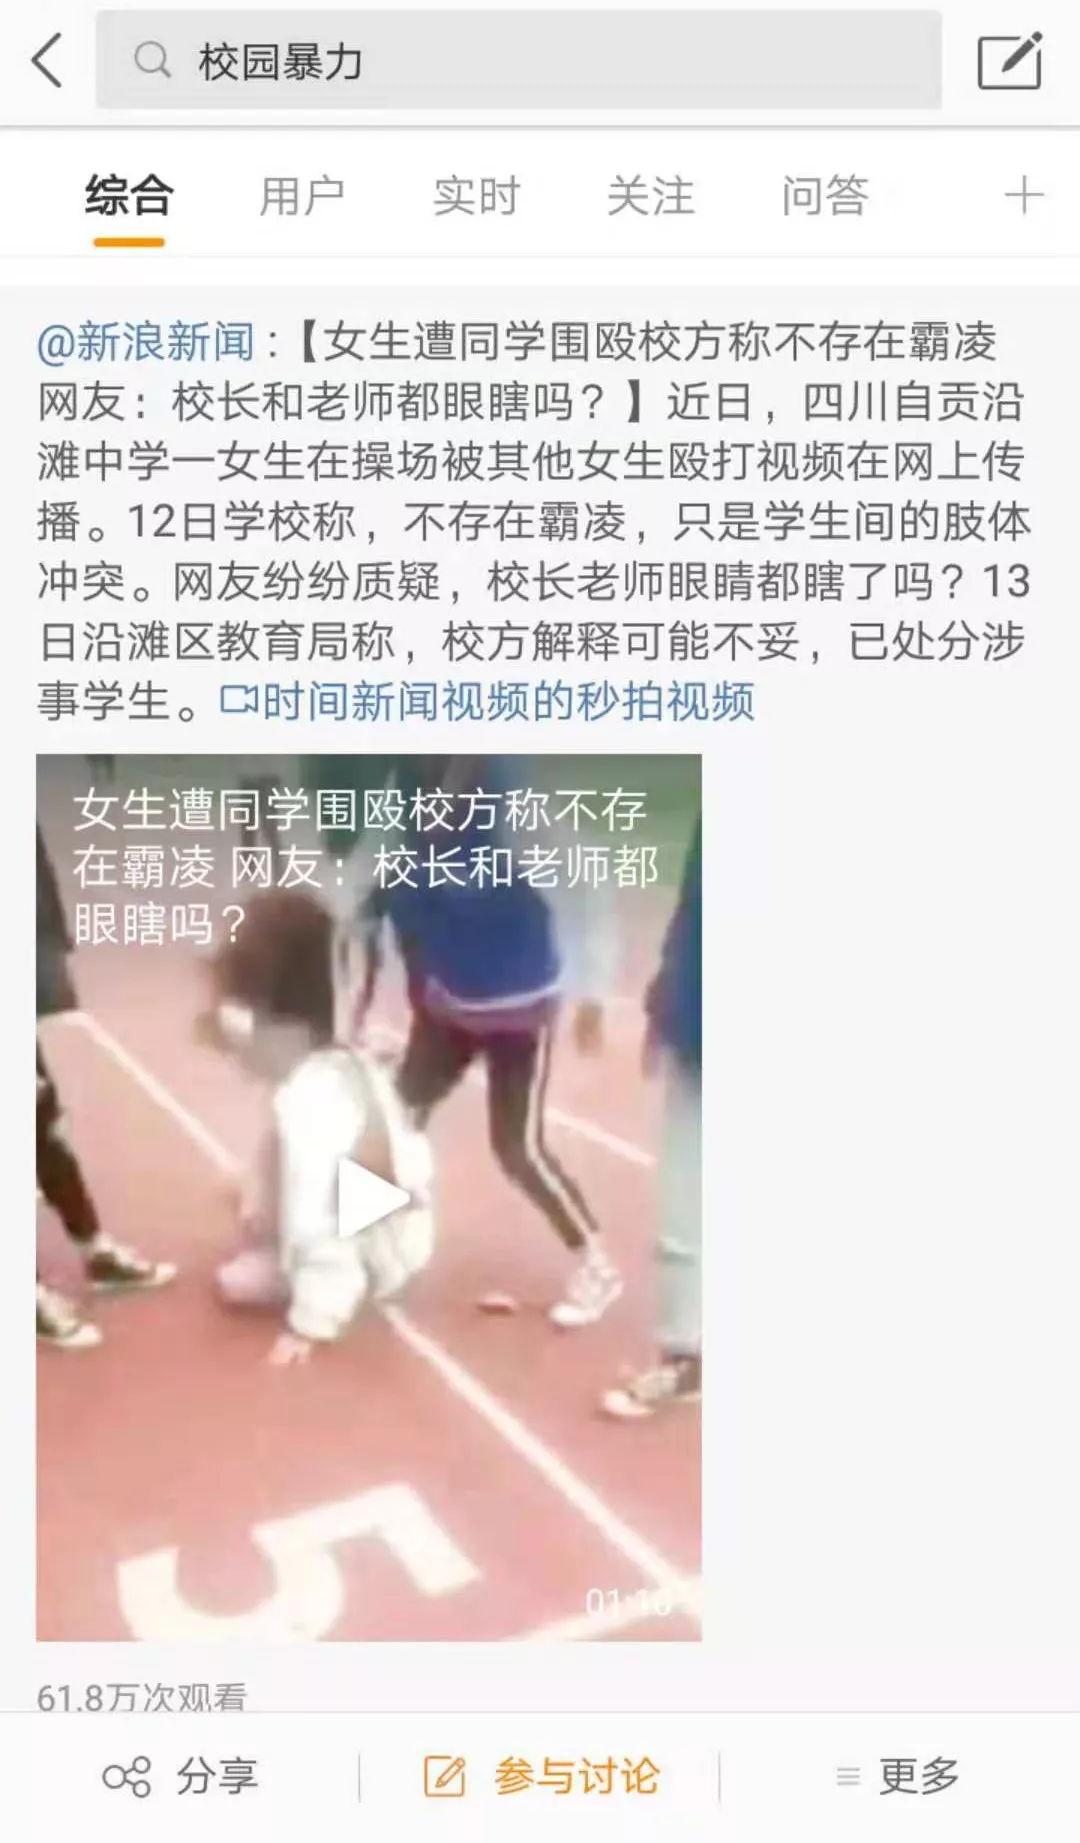 """""""起侮辱性綽號""""屬欺凌!廣東省重拳出擊校園暴力獲網友點贊"""